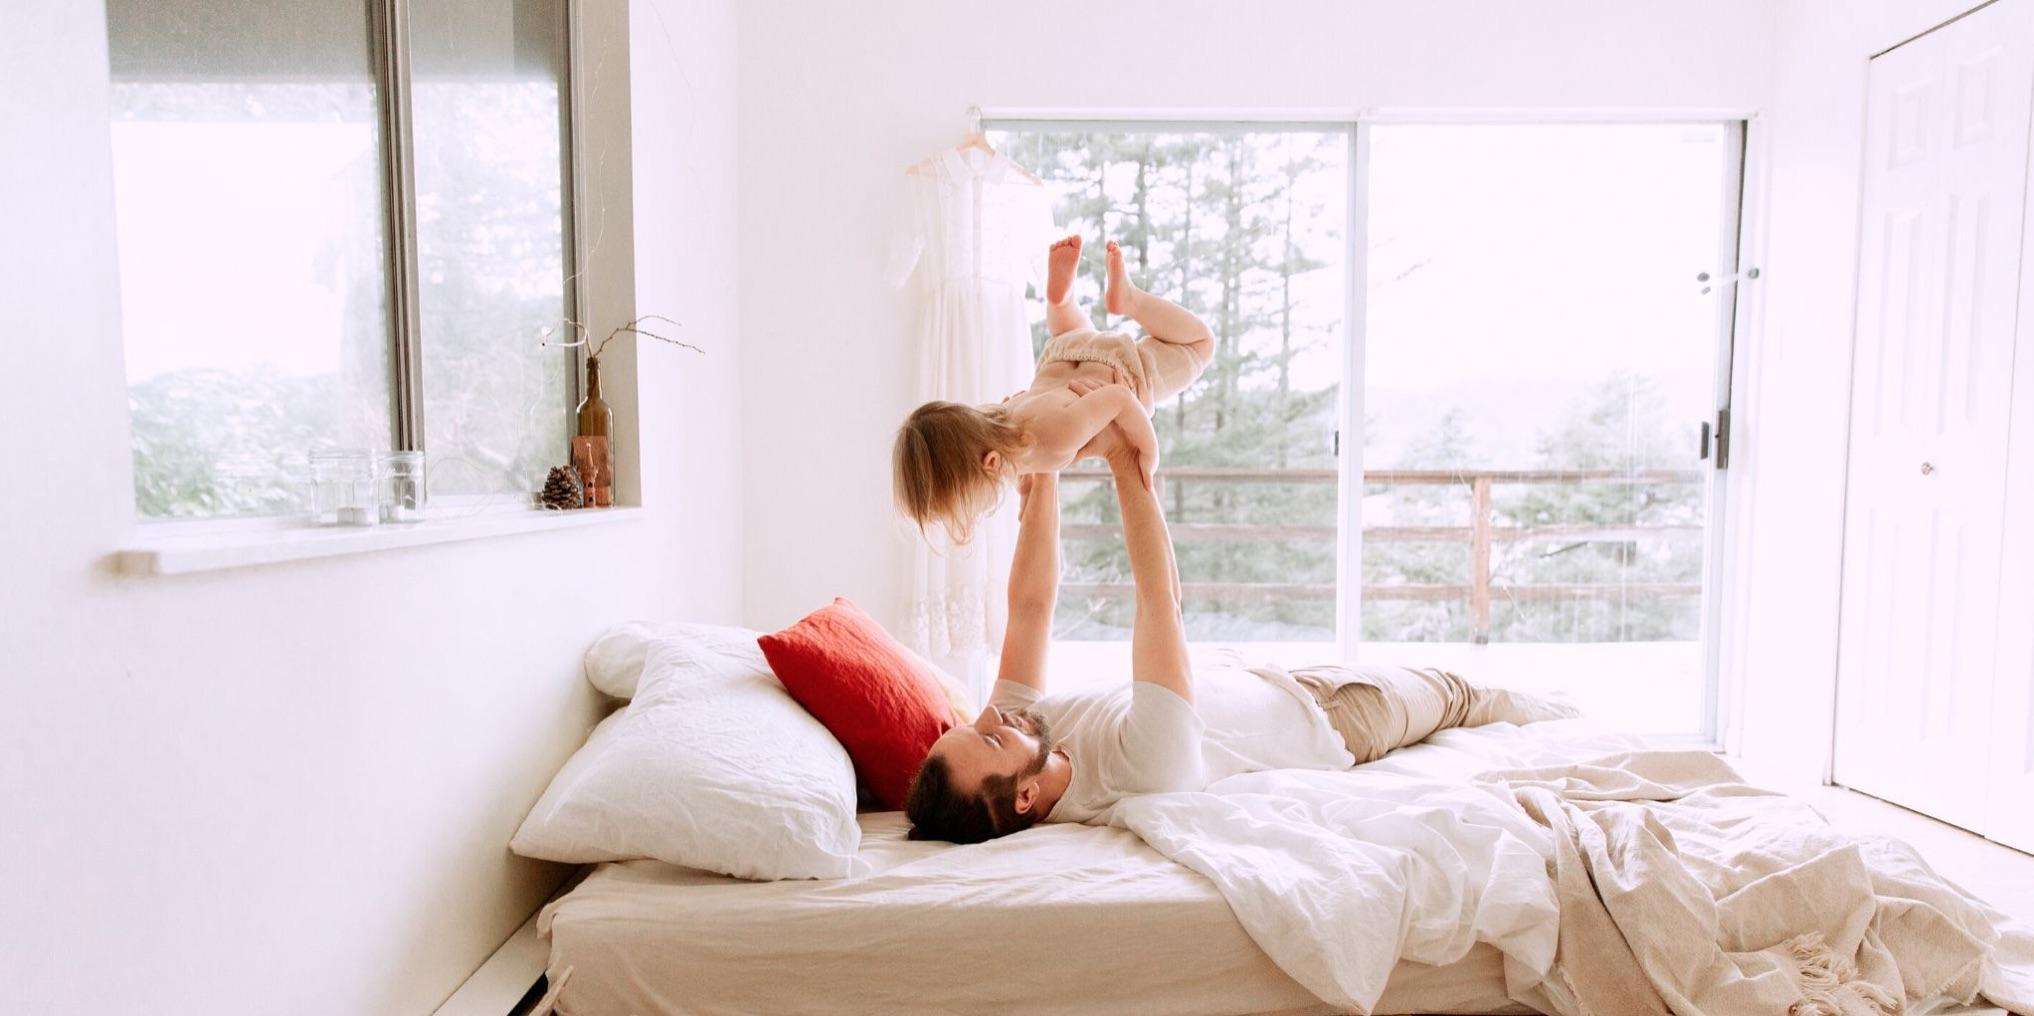 20 gezinsactiviteiten om thuis plezier te hebben